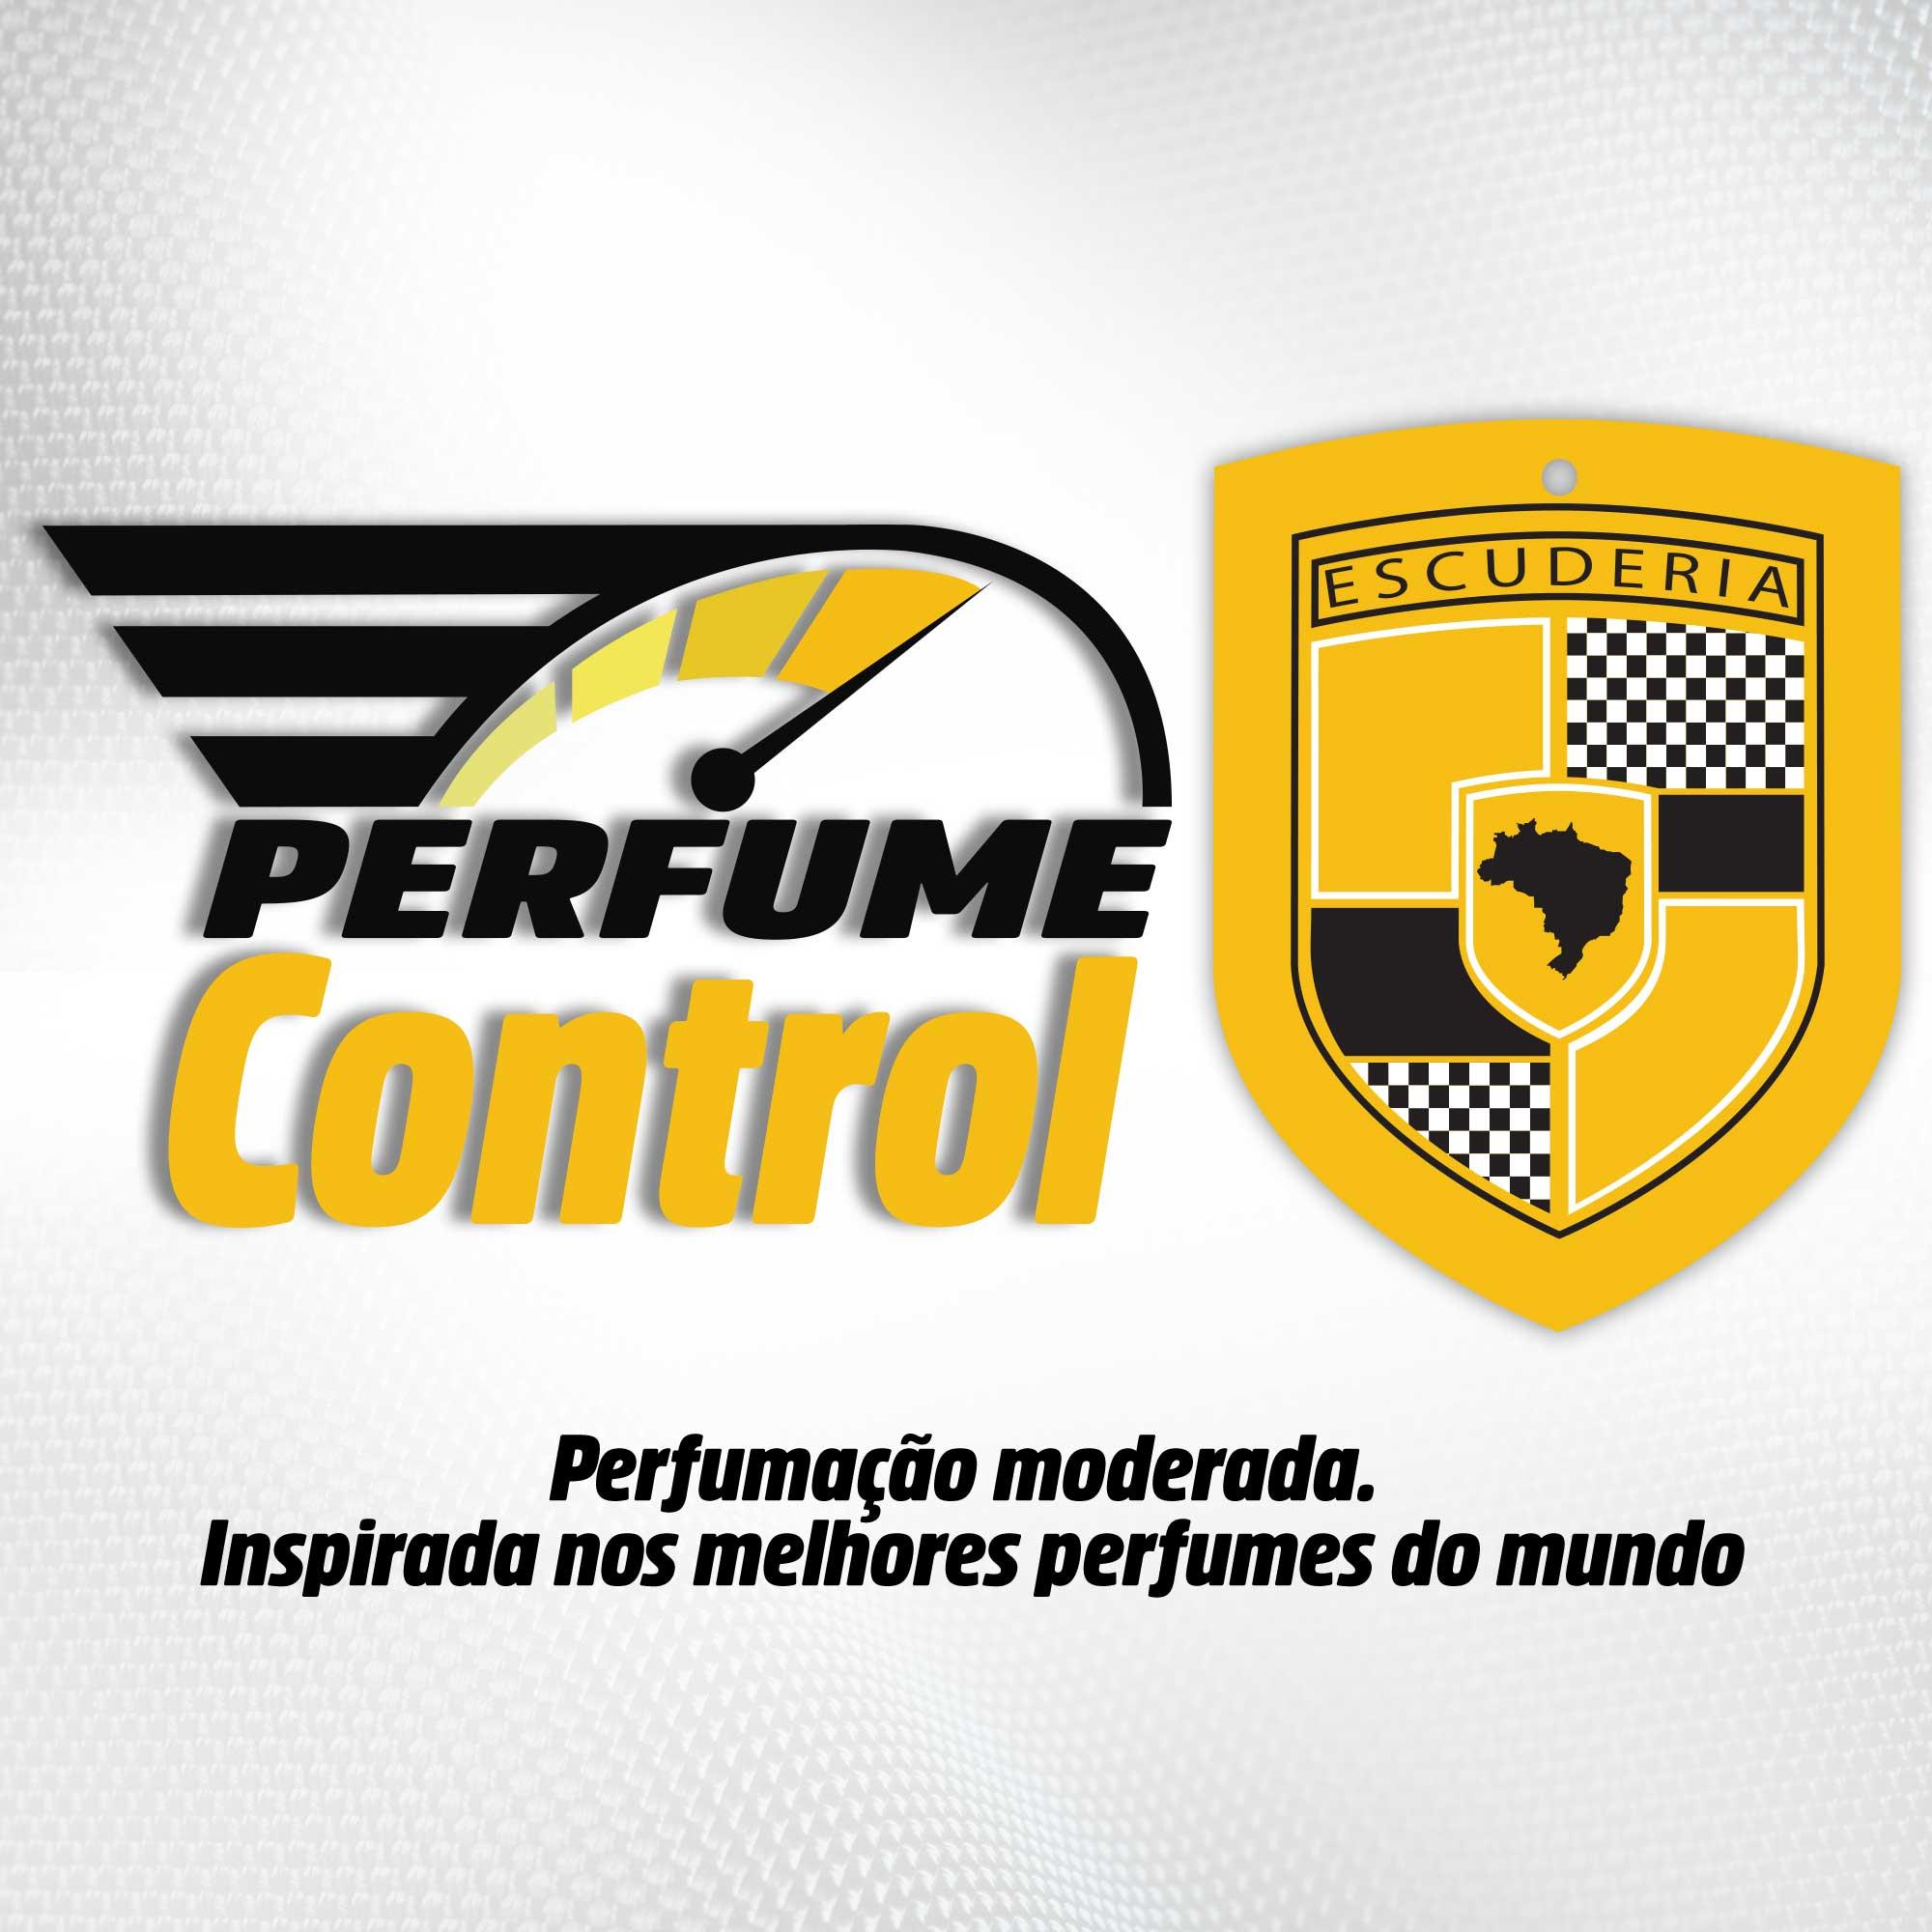 Perfume Aromatizante Longa Duração - Prive - Escuderia Do Brasil  - Loja Go Eco Wash